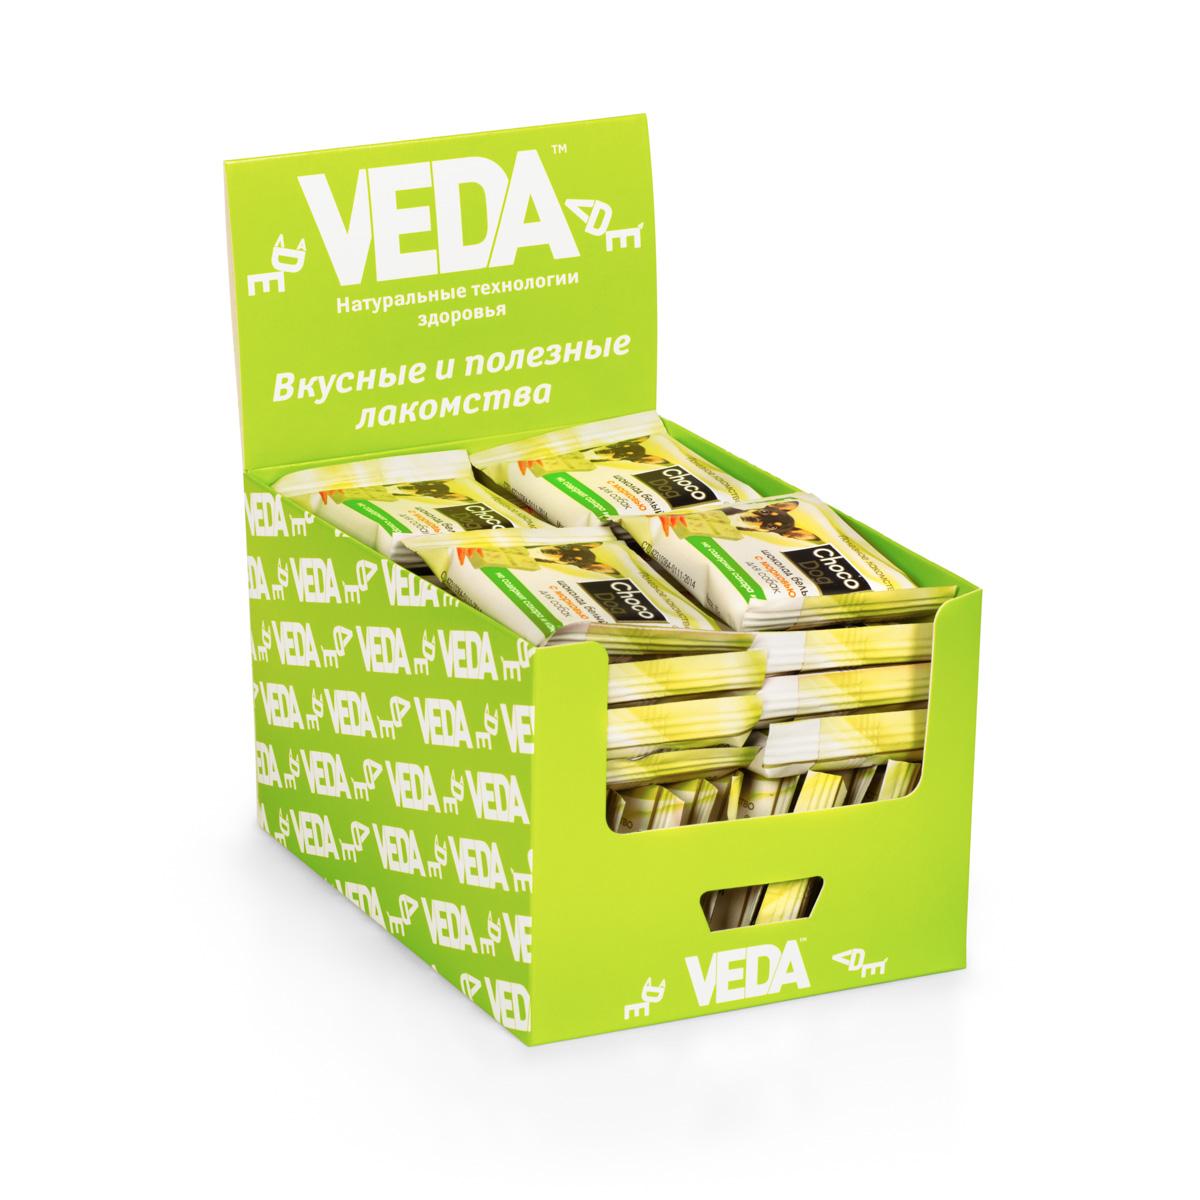 Лакомство VEDA Choco Dog, для собак, в шоу-боксе, белый шоколад с морковью, 40 шт4605543006609В состав лакомства VEDA Choco Dog введены натуральные ингредиенты, которые известны своим полезным действием на организм: - Морковь способствует профилактике сердечных и глазных заболеваний; - Инулин (пребиотик) поддерживает полезную микрофлору кишечника; - Рис благодаря наличию витаминов группы В, витамина Е, ряда микроэлементов полезен для костей, сердца и сосудов. Состав: заменитель масла какао, лактоза, сухая молочная сыворотка, морковь сушеная, пивные дрожжи, лецитин, стевиозид, пищевой ароматизатор. Количество: 40 шт. Вес (1 шт): 15 г. Товар сертифицирован.